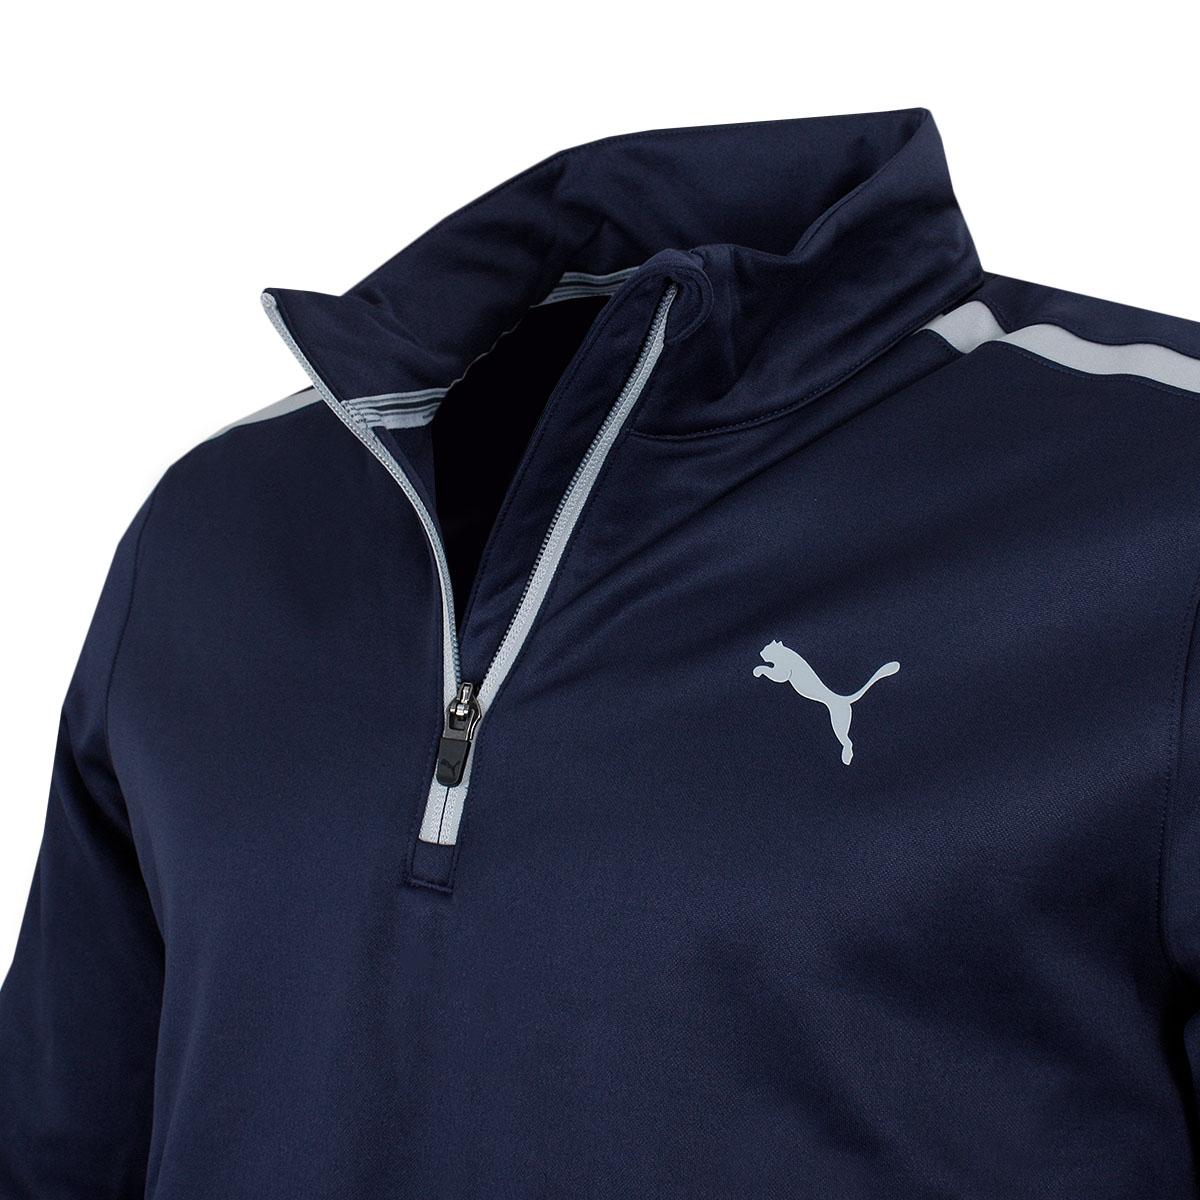 Puma-Golf-Mens-Midweight-1-4-Zip-Moisture-Wicking-WarmCELL-Fleece-46-OFF-RRP thumbnail 4